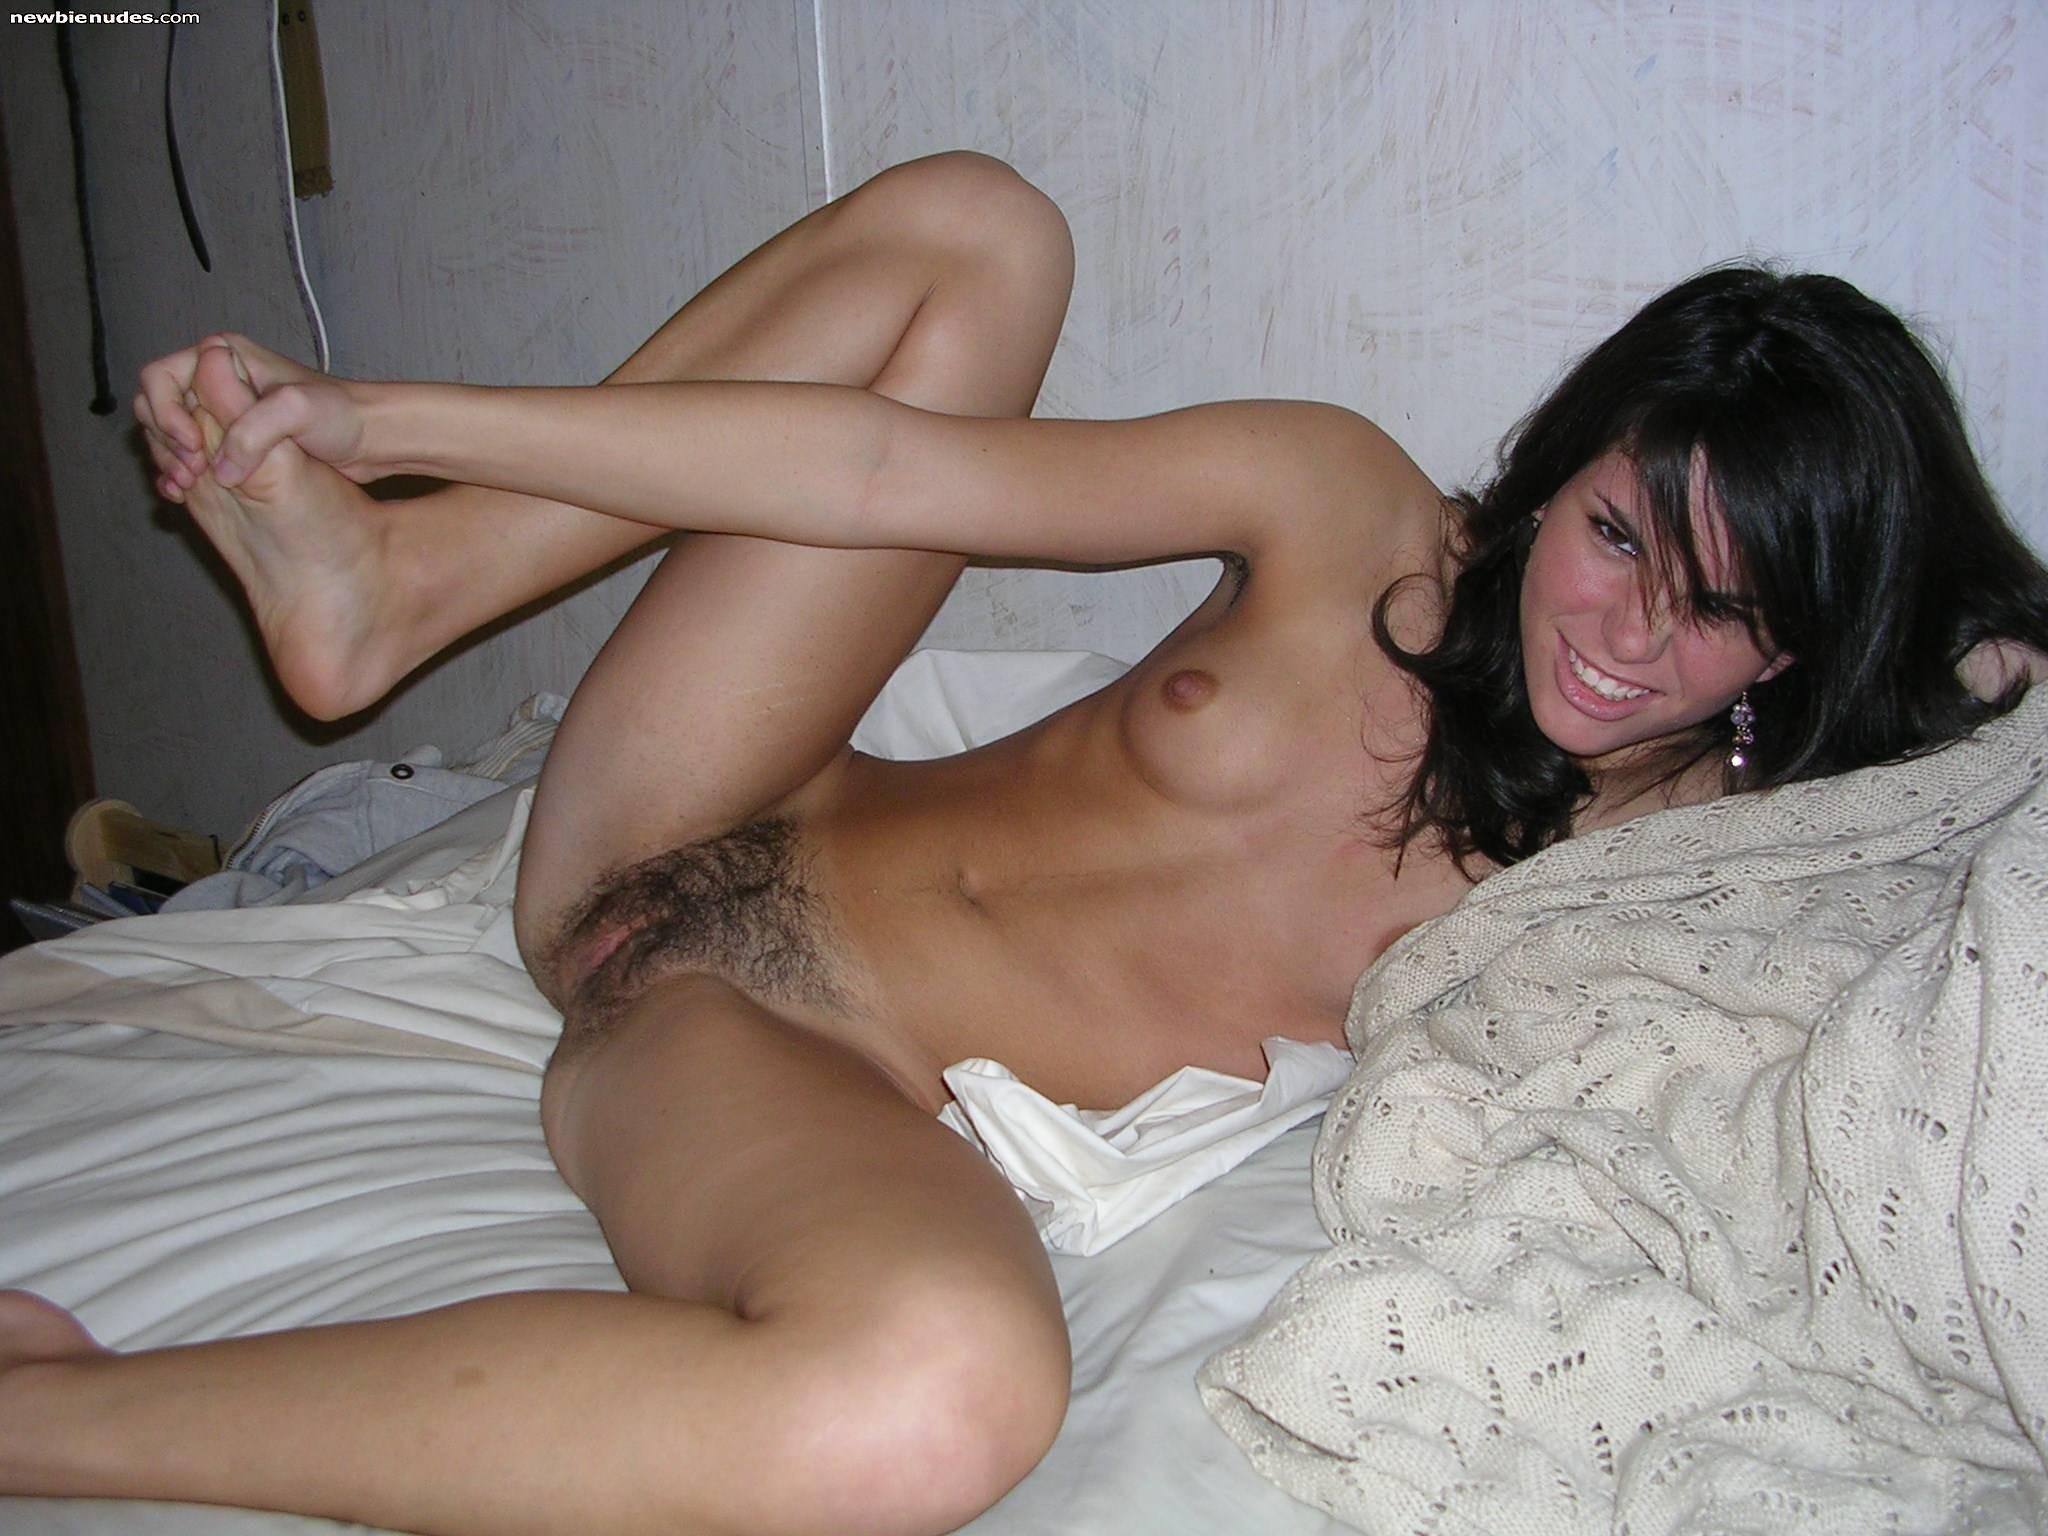 Pretty girls pissing